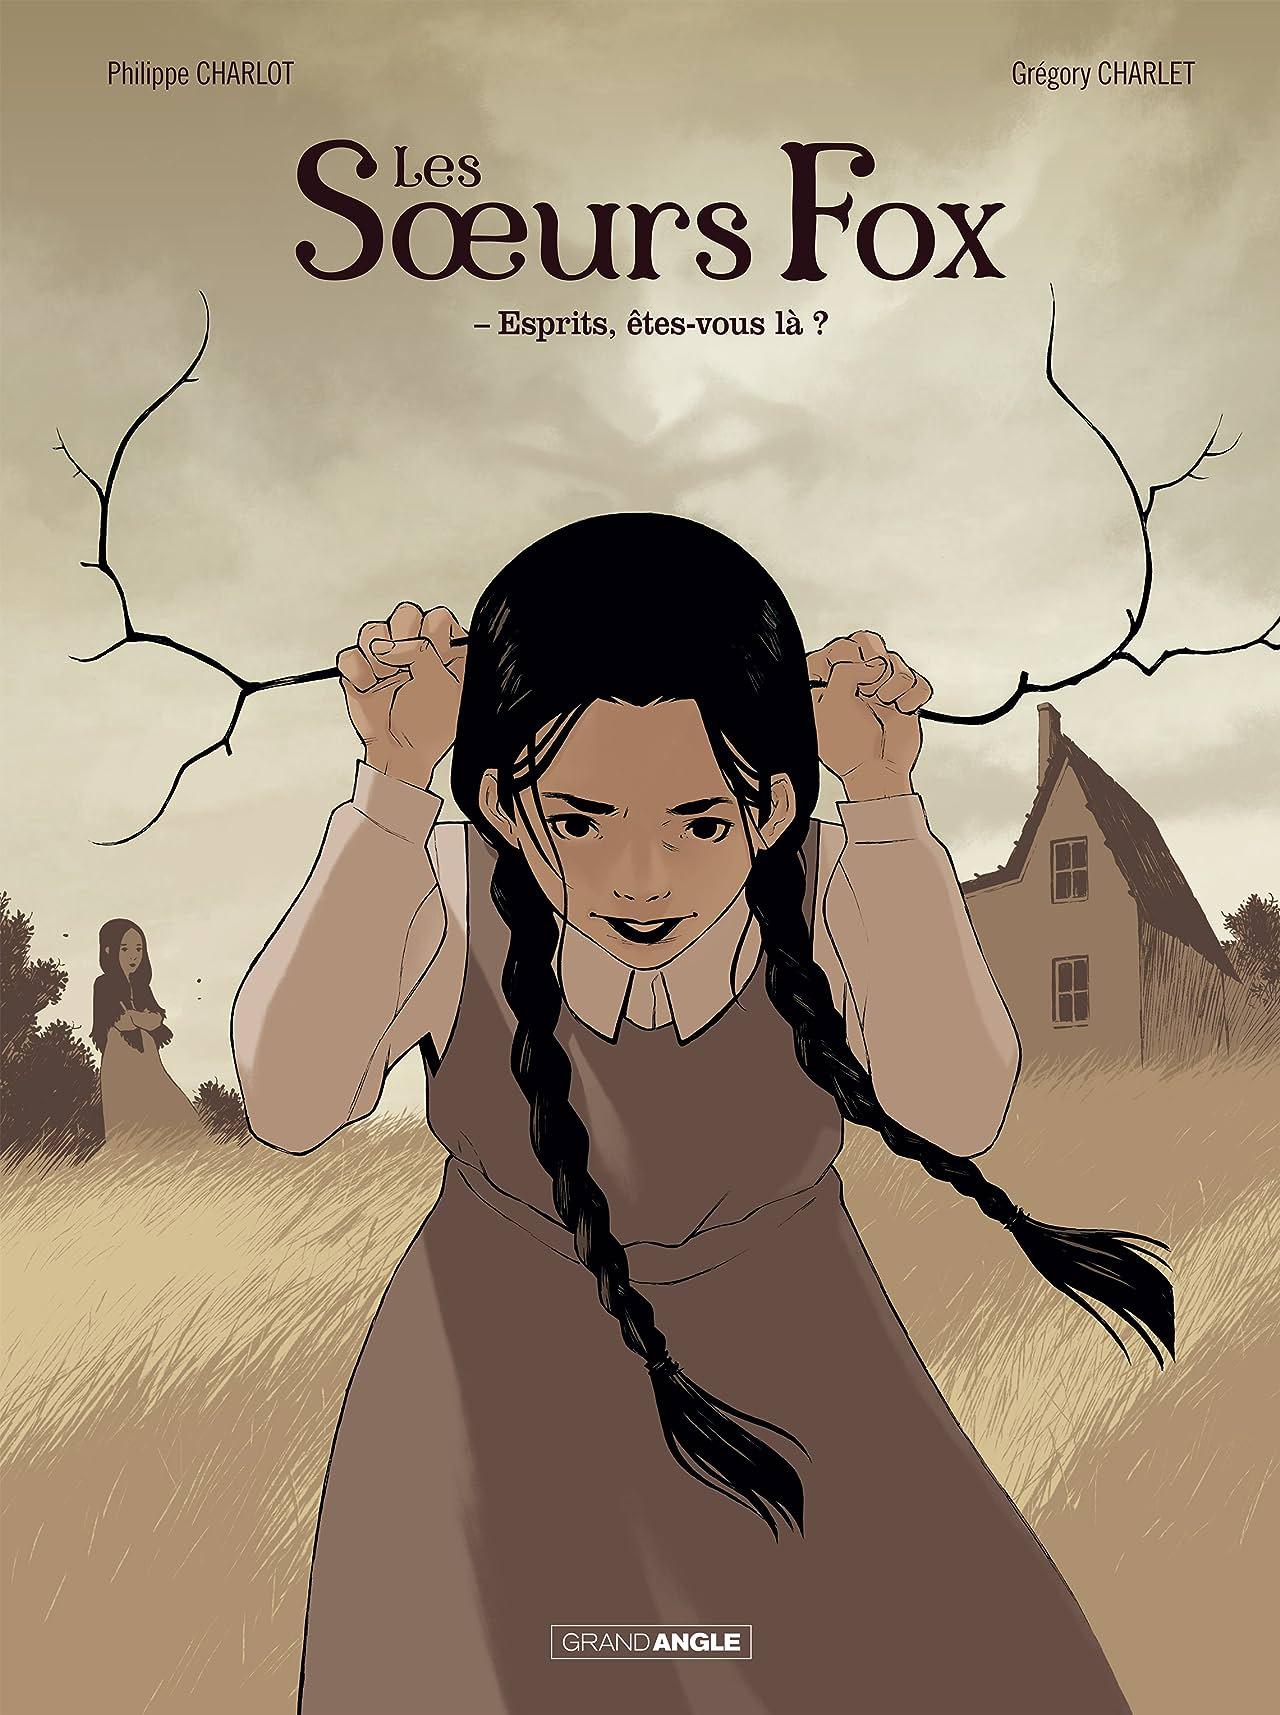 Les soeurs Fox Vol. 1: Esprits, êtes vous là !